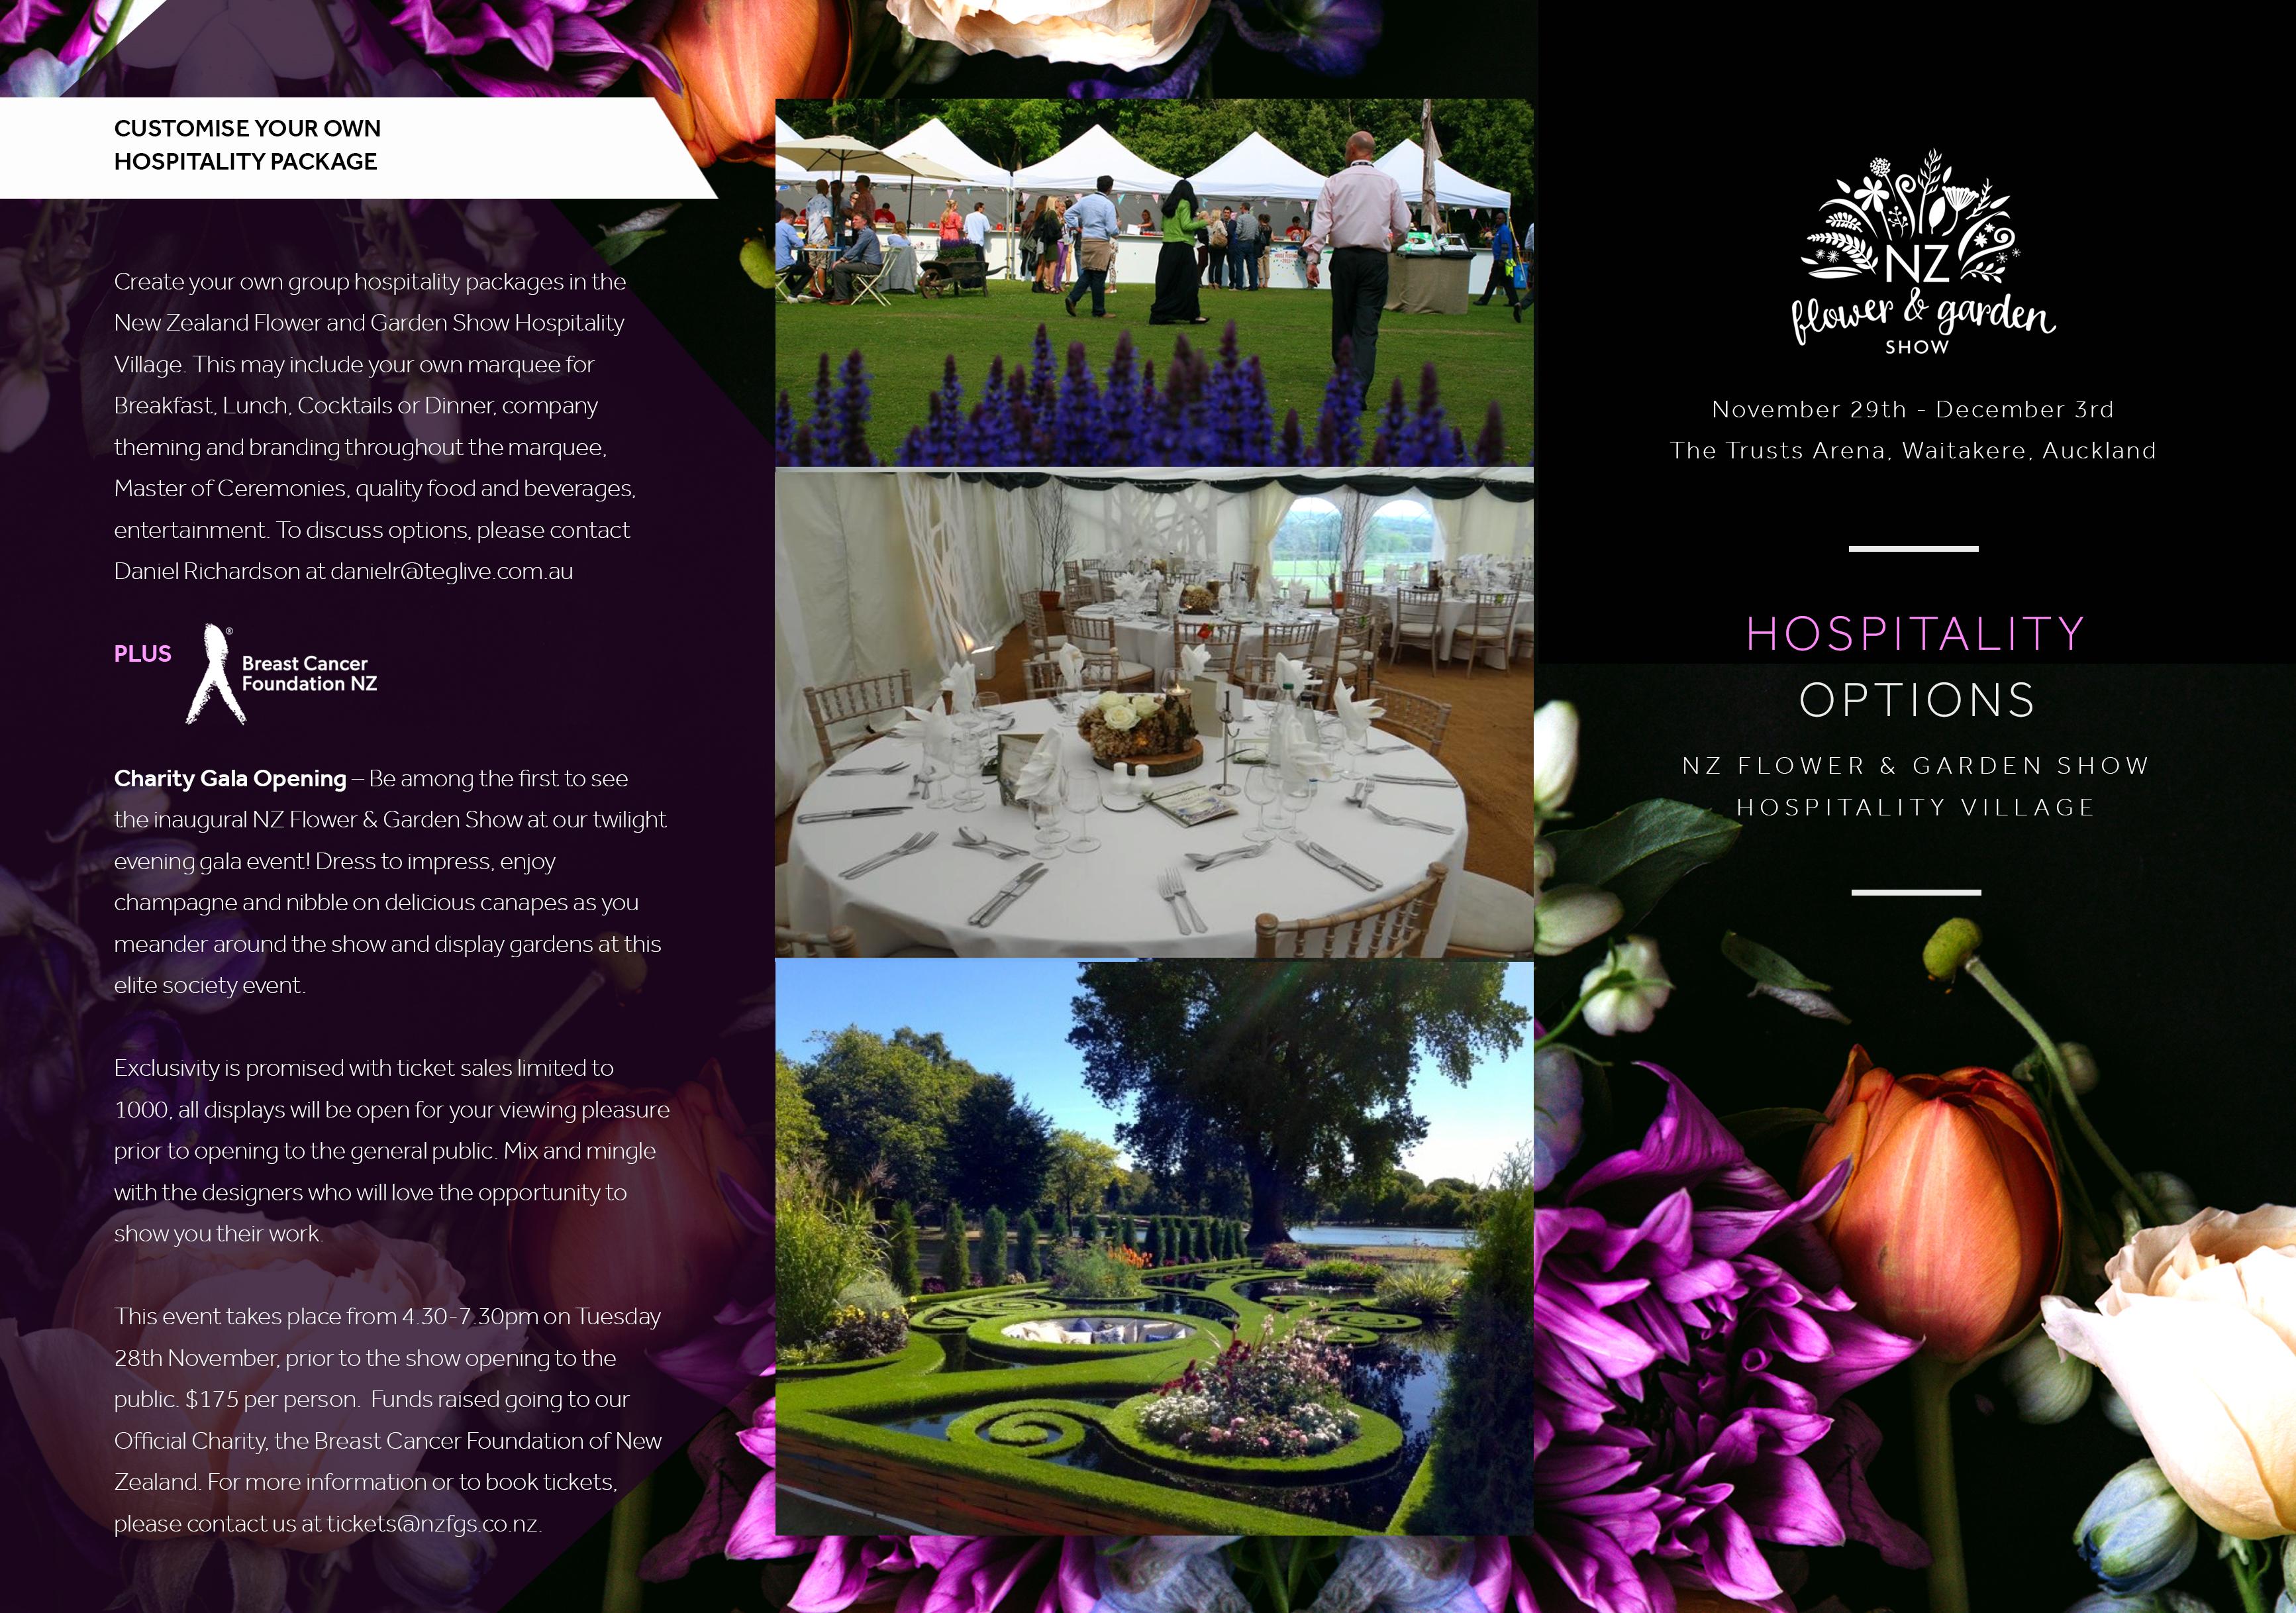 nz flower & garden show – varnia's portfolio